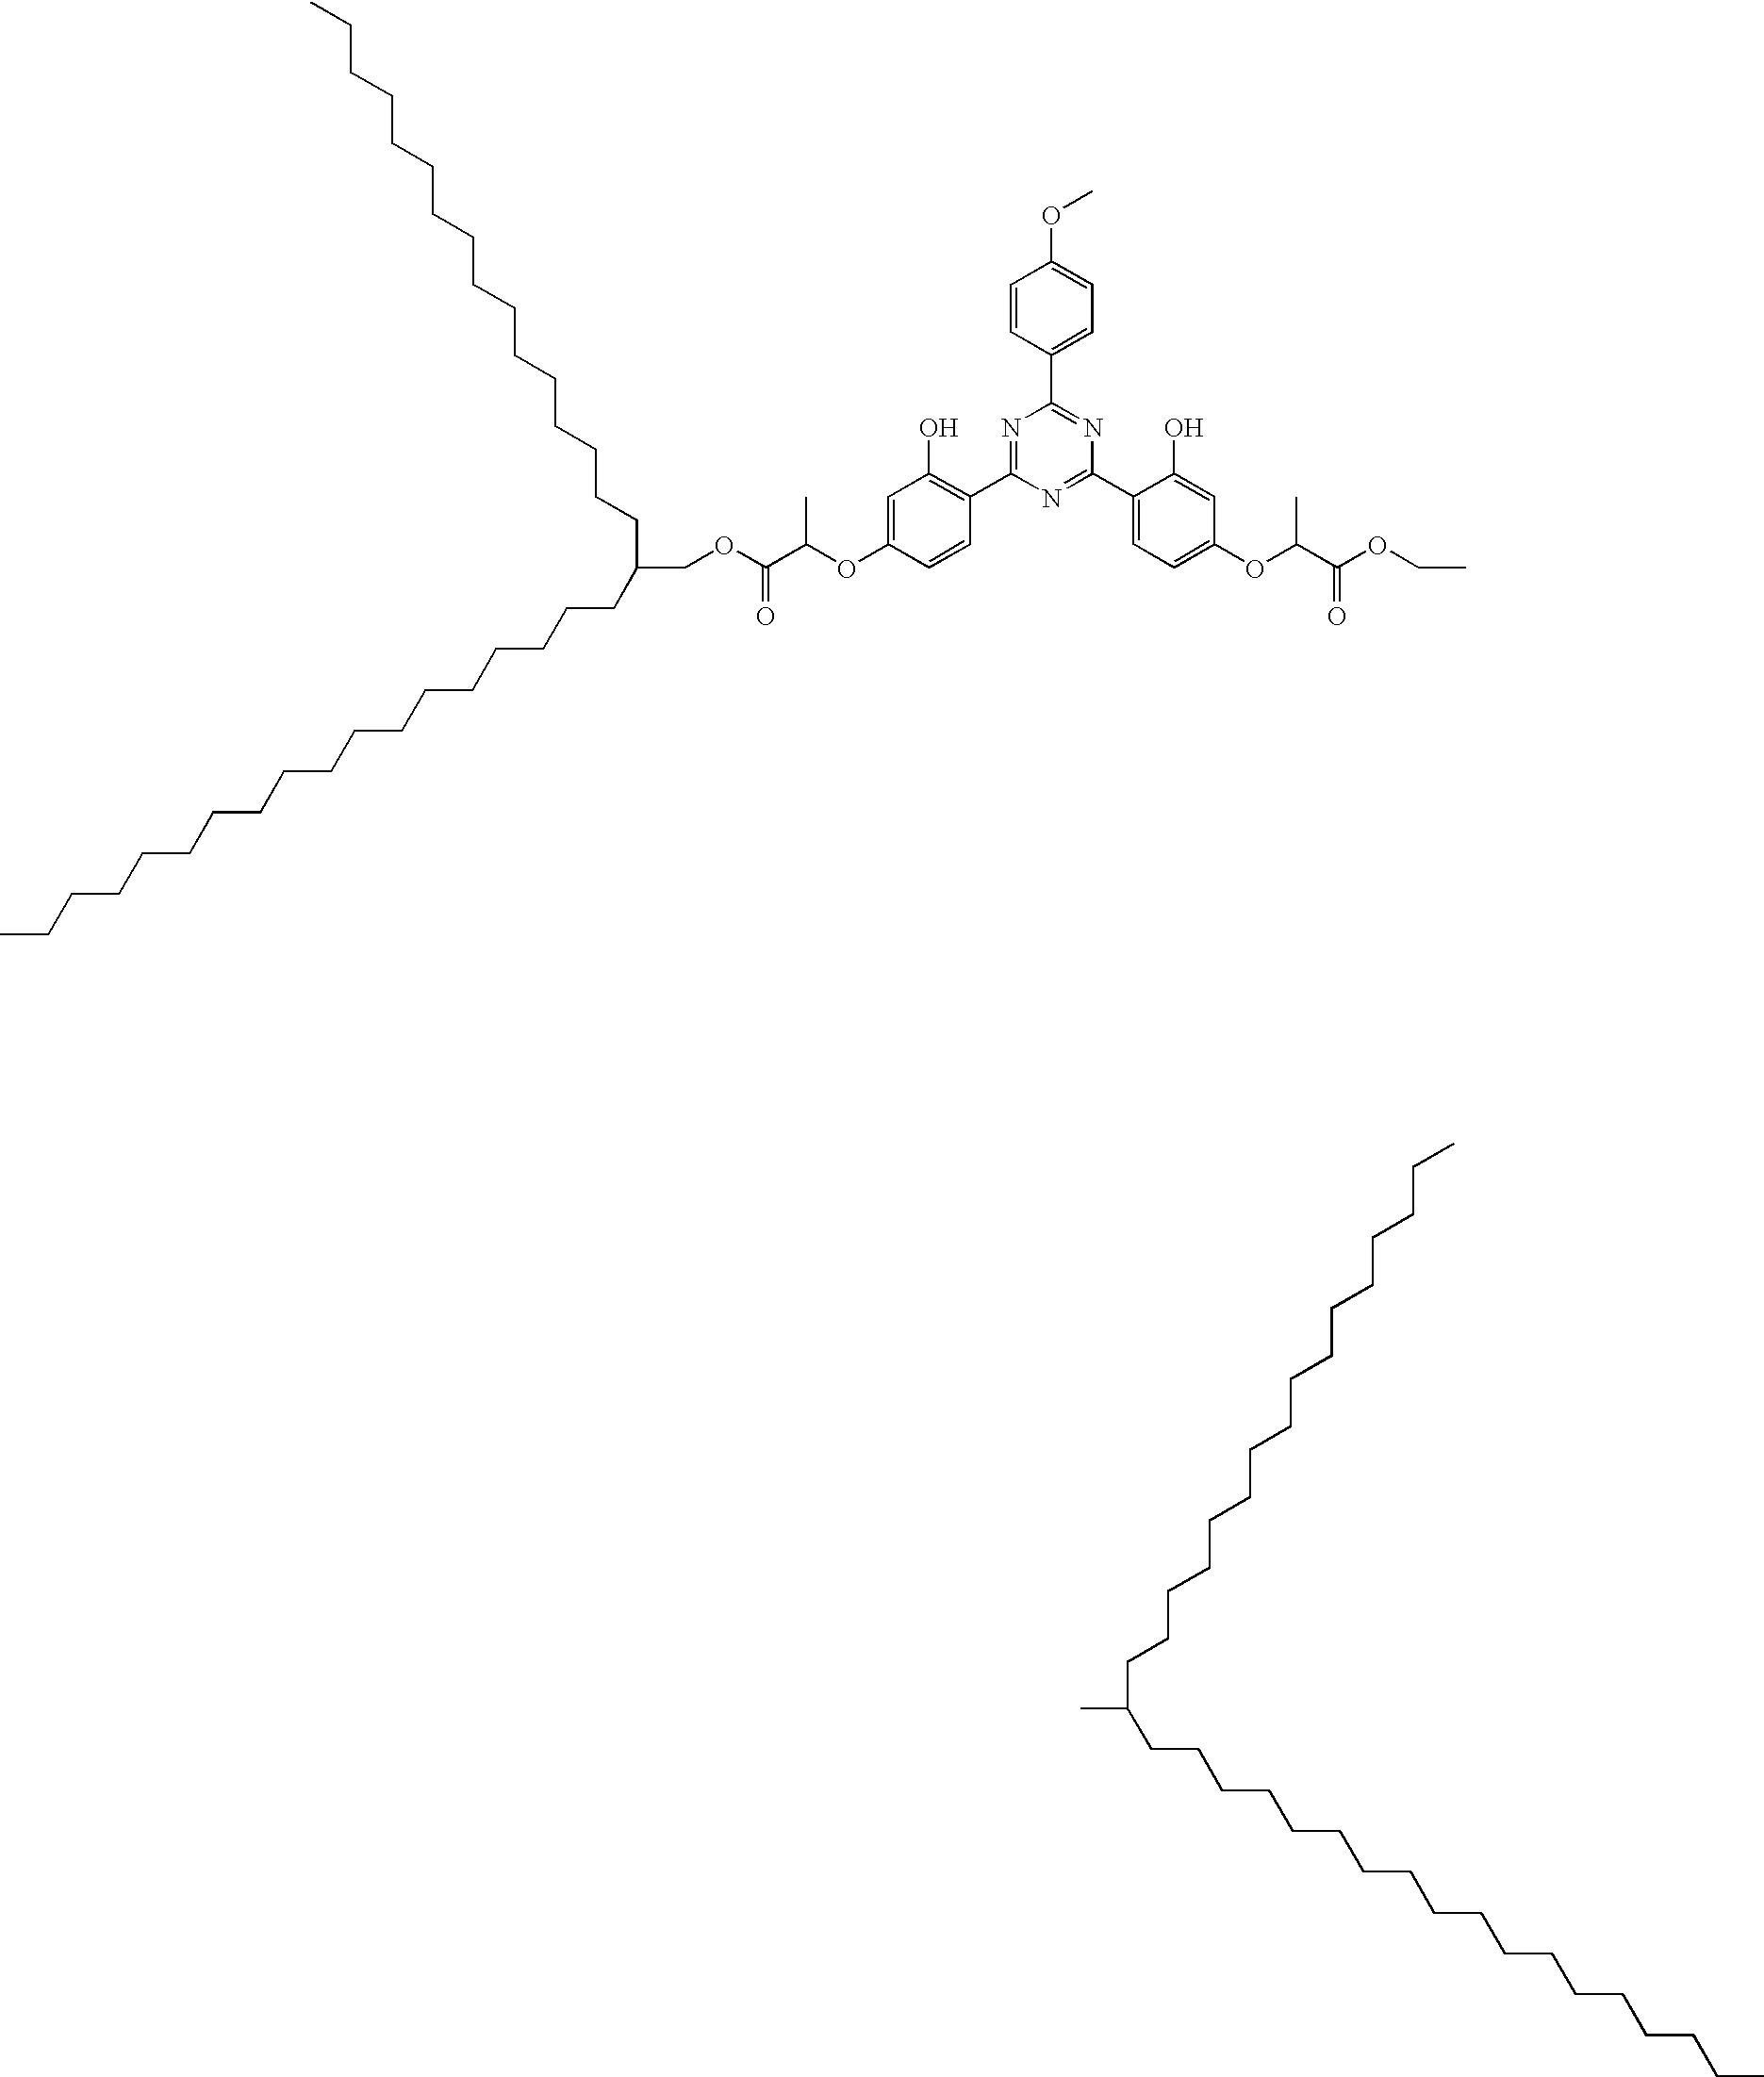 Figure US07294714-20071113-C00030